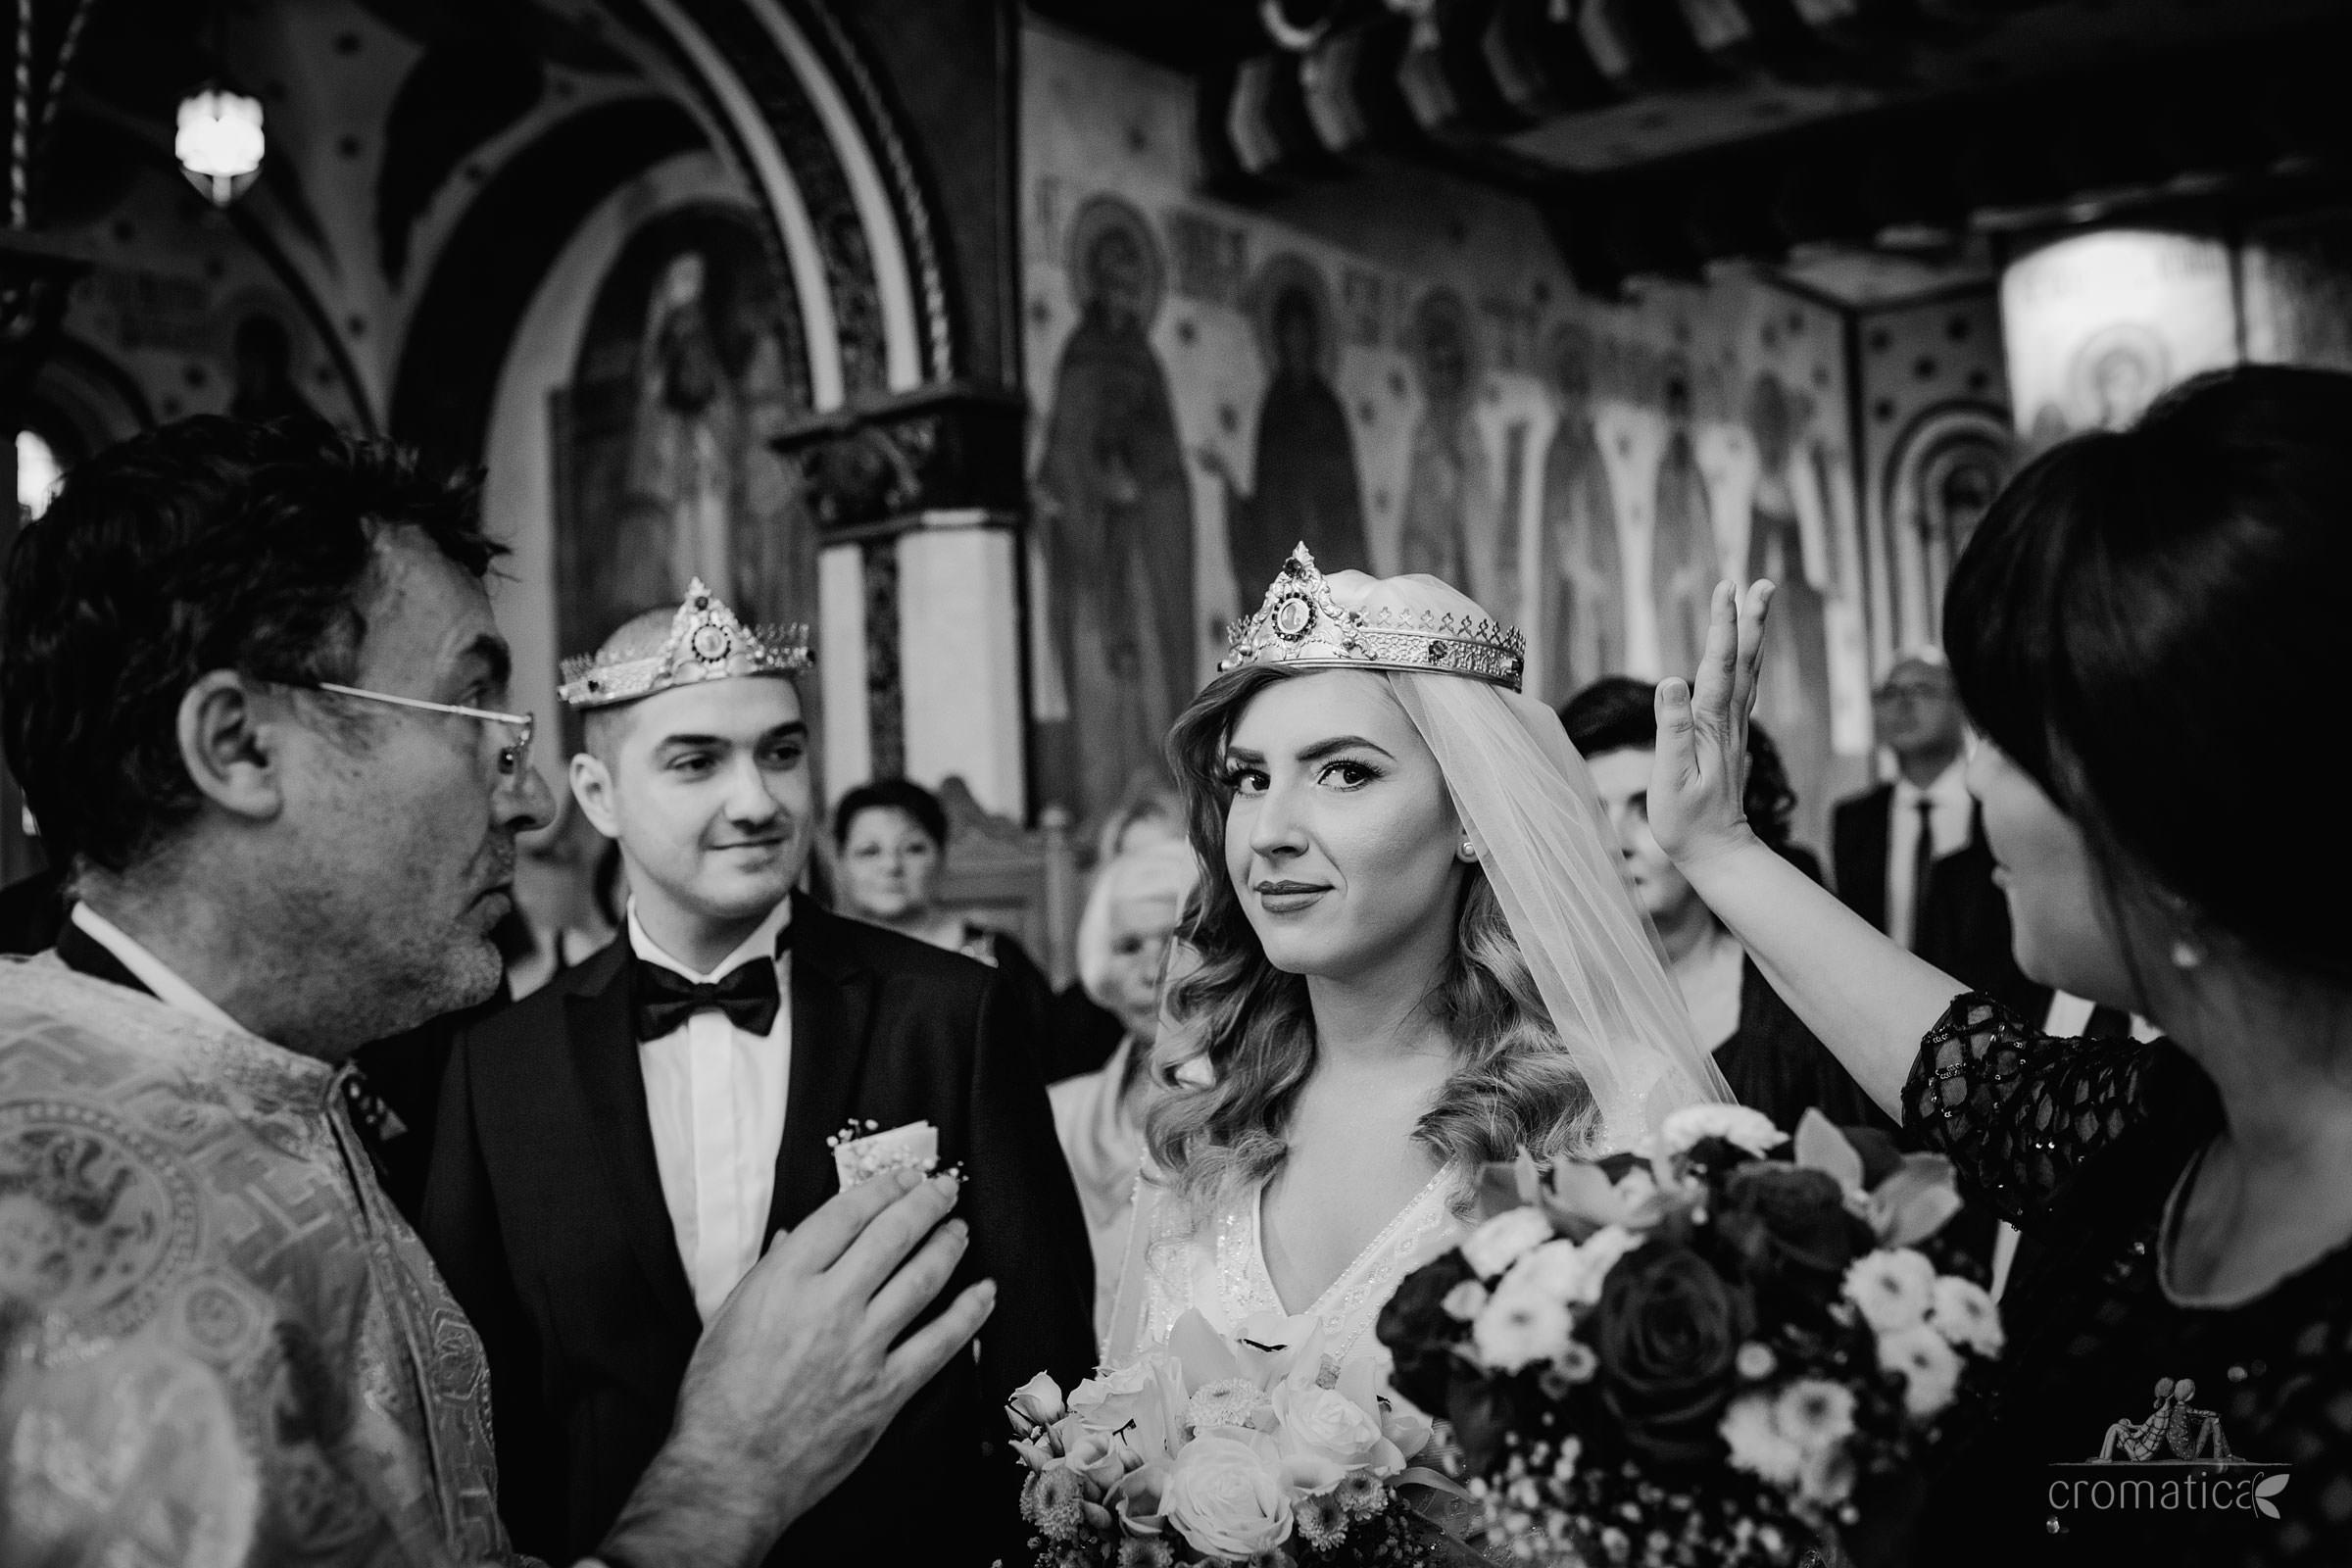 iuliana razvan nunta restaurant diplomat 19